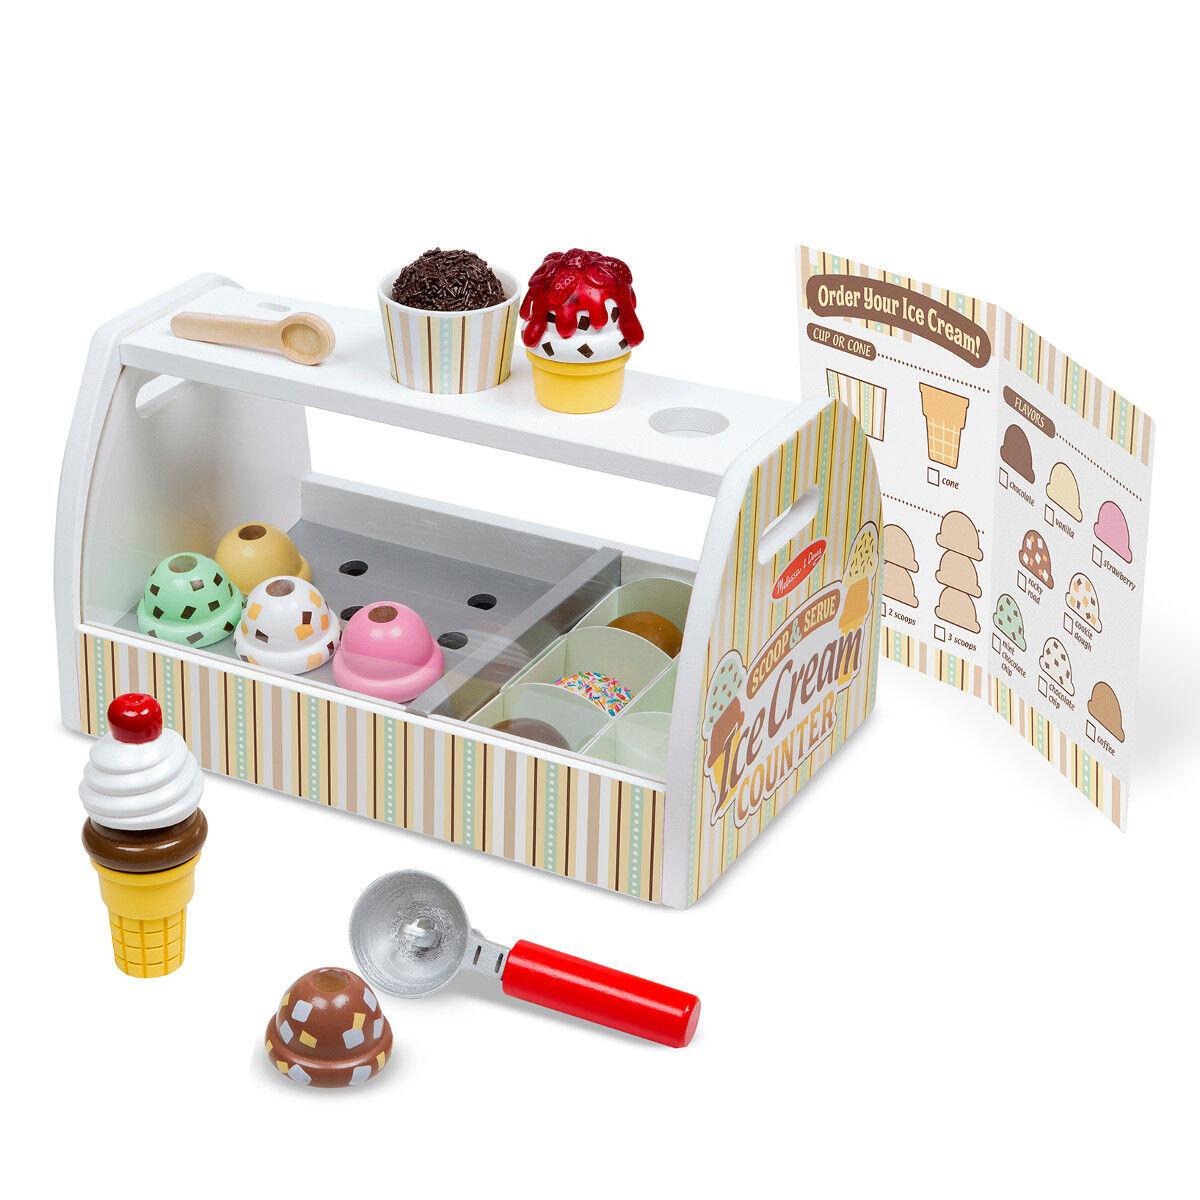 Eisdiele Spielzeug Eisstand Kinder Holz Kaufladen Eisständer Eiscreme Theke